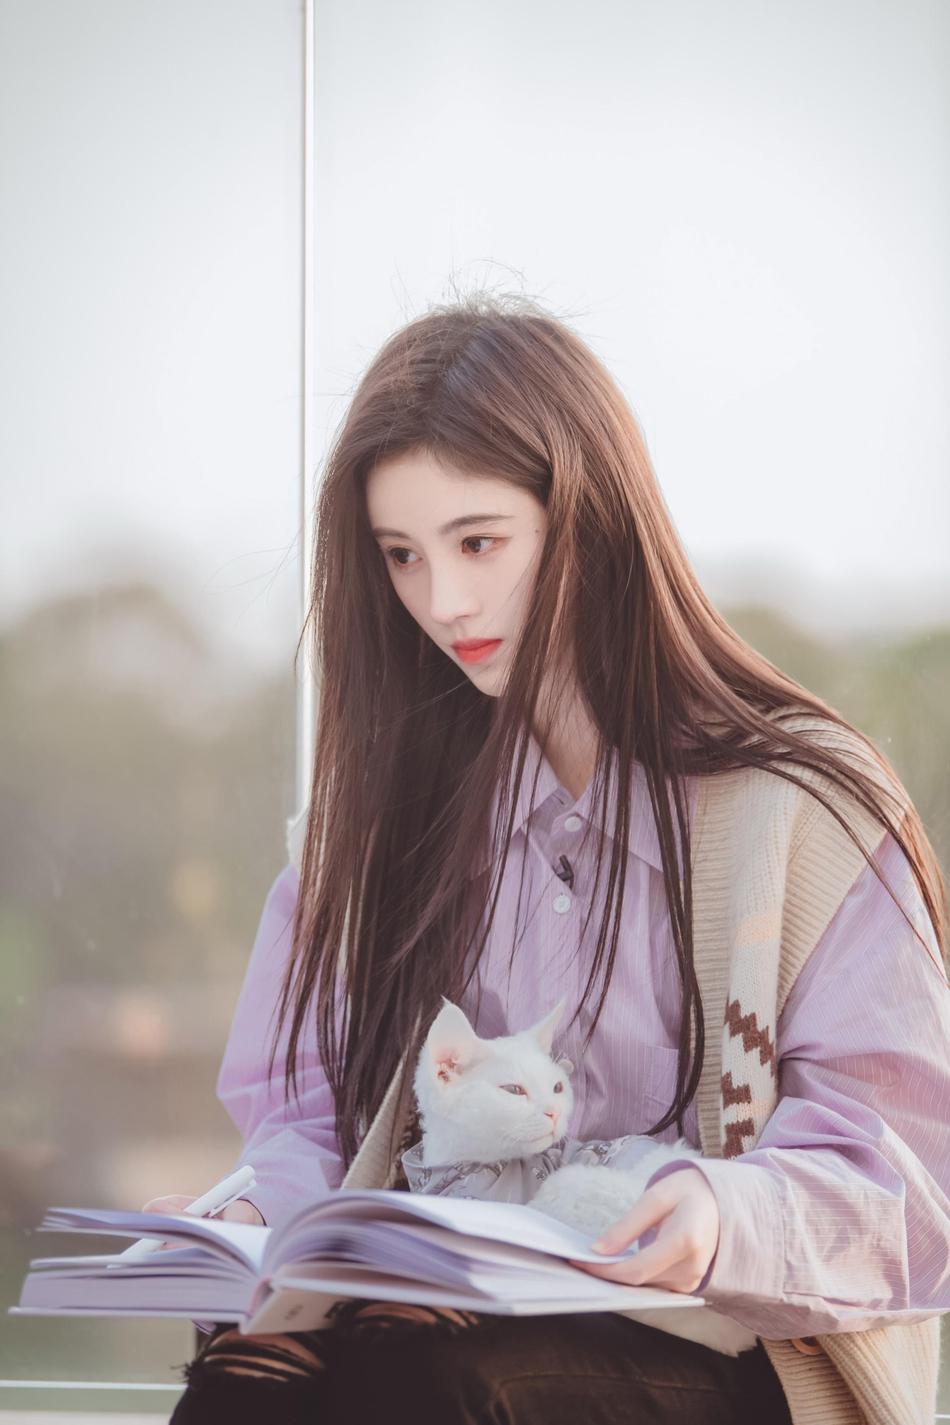 鞠婧祎一袭长发温柔似水 淡紫色衬衫搭羊毛小坎肩时尚舒适